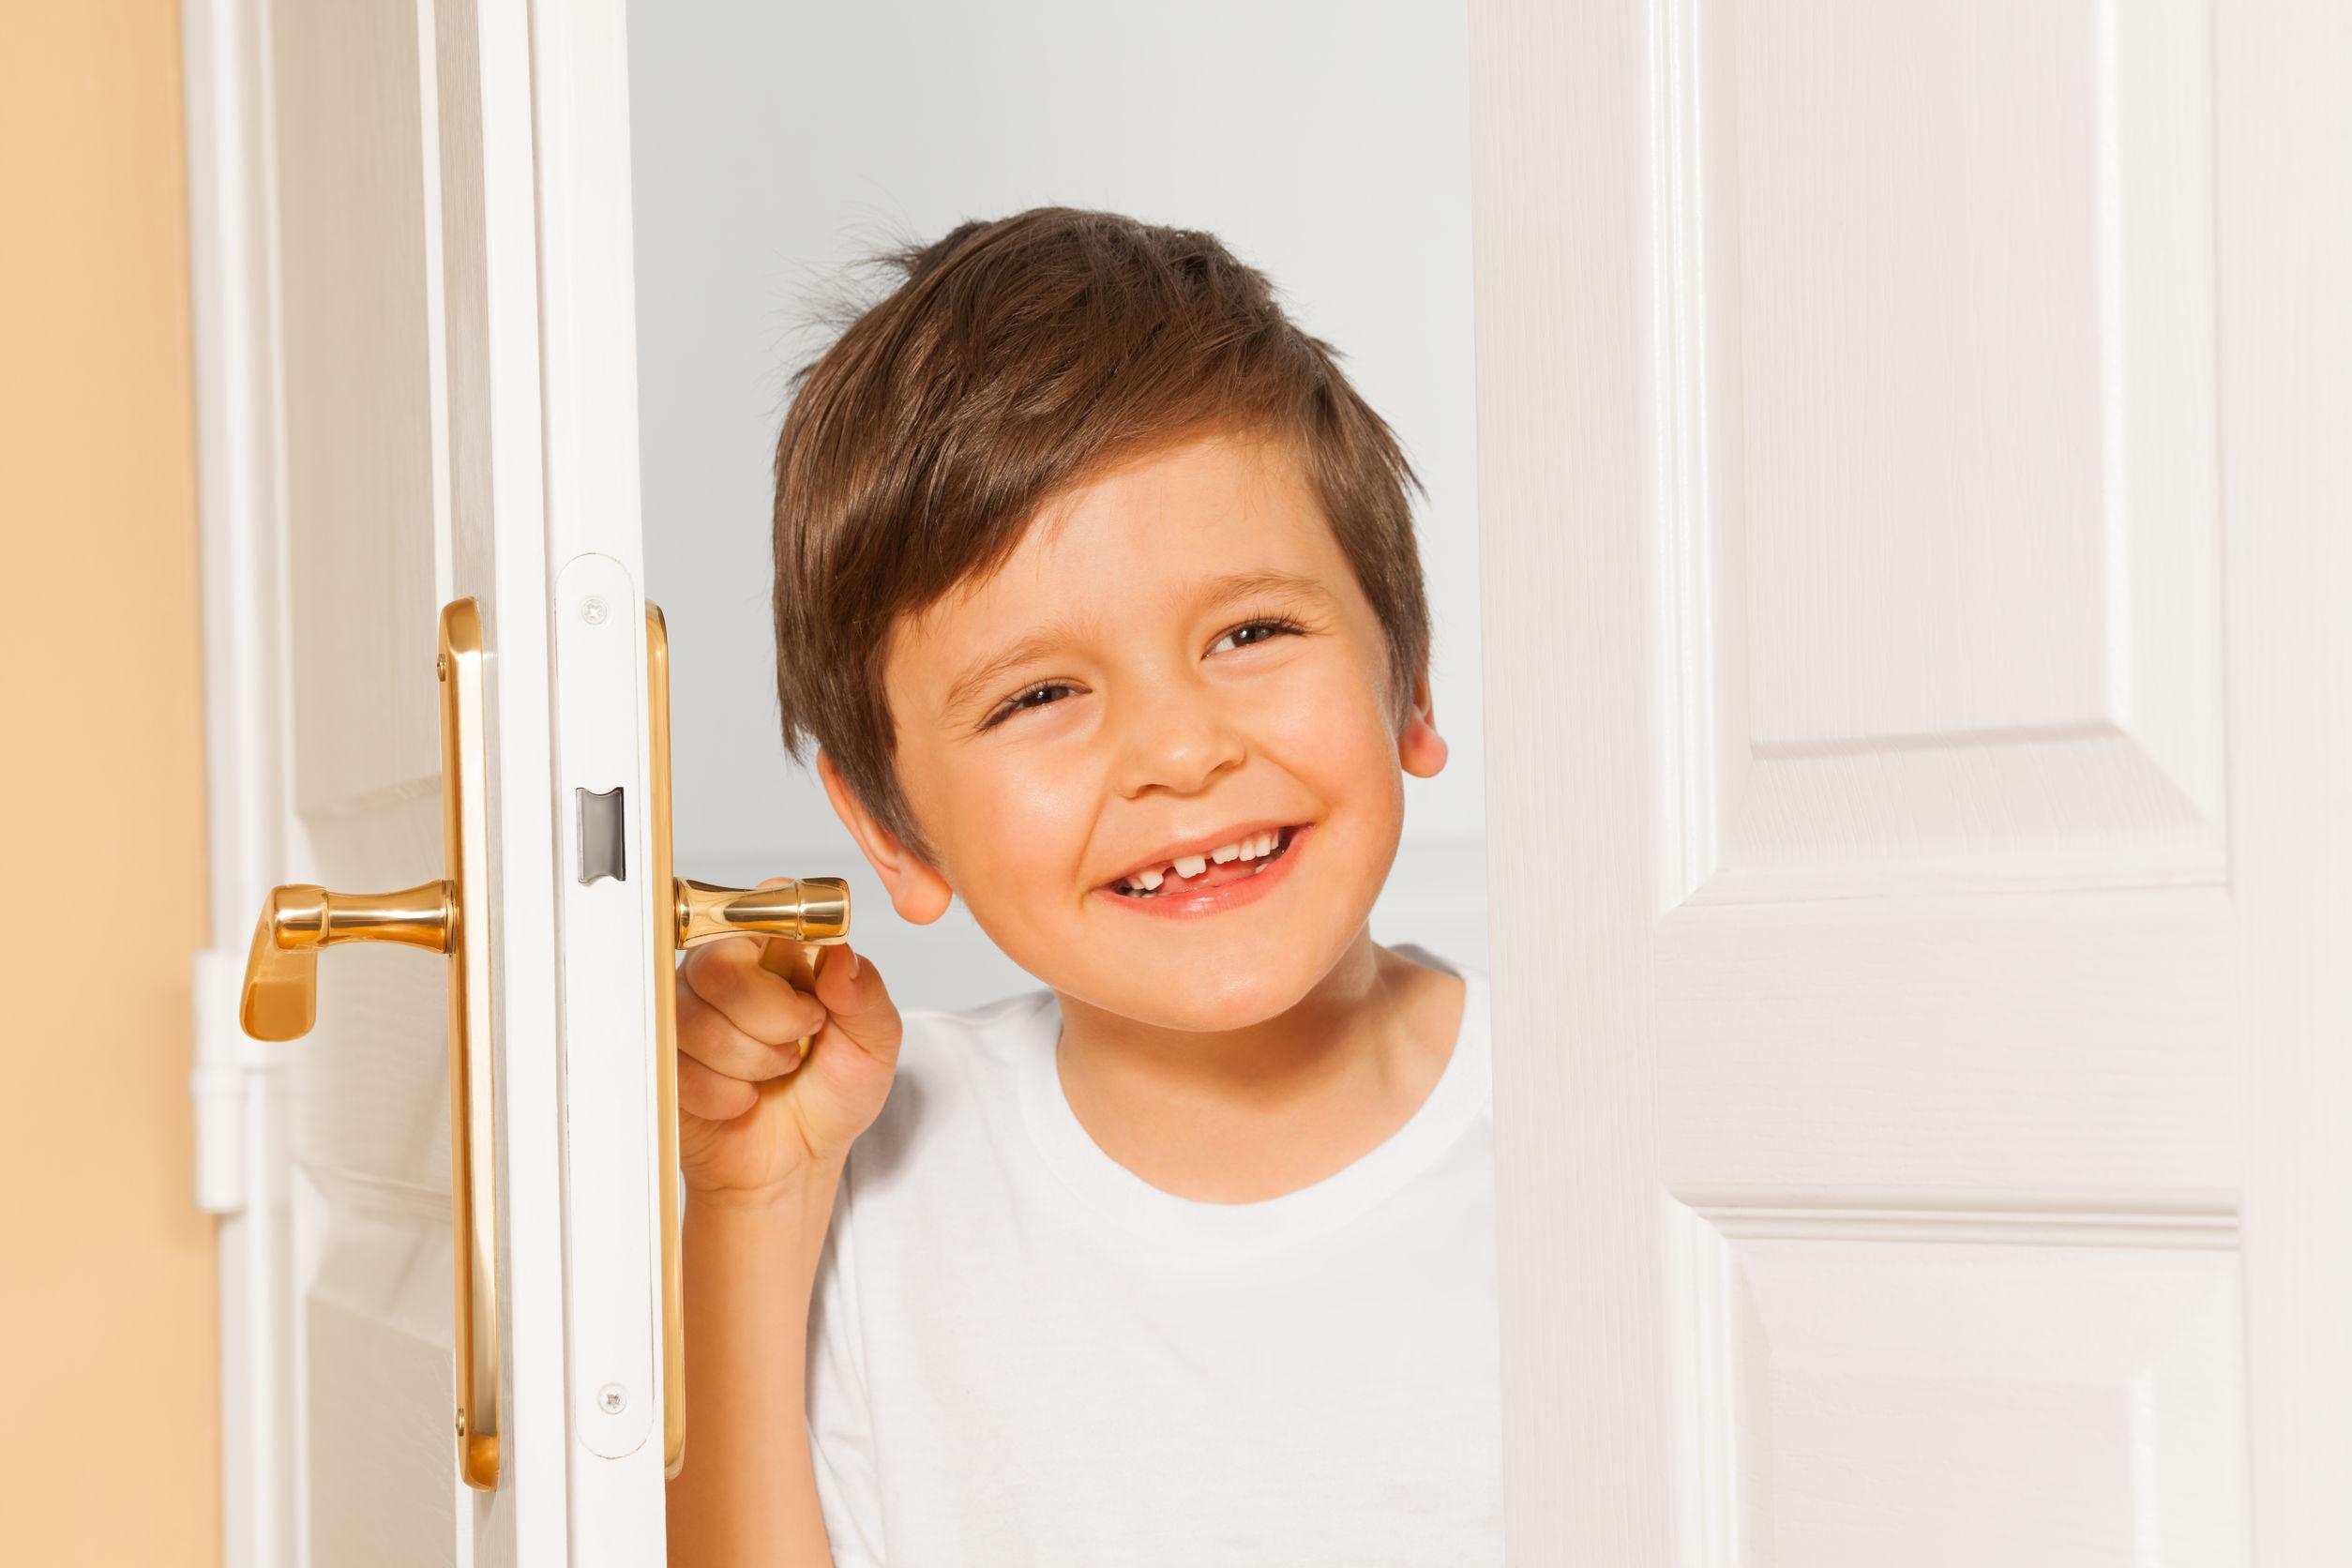 een-dringend-advies-voor-ouders-van-pittige-kinderen-in-coronatijd